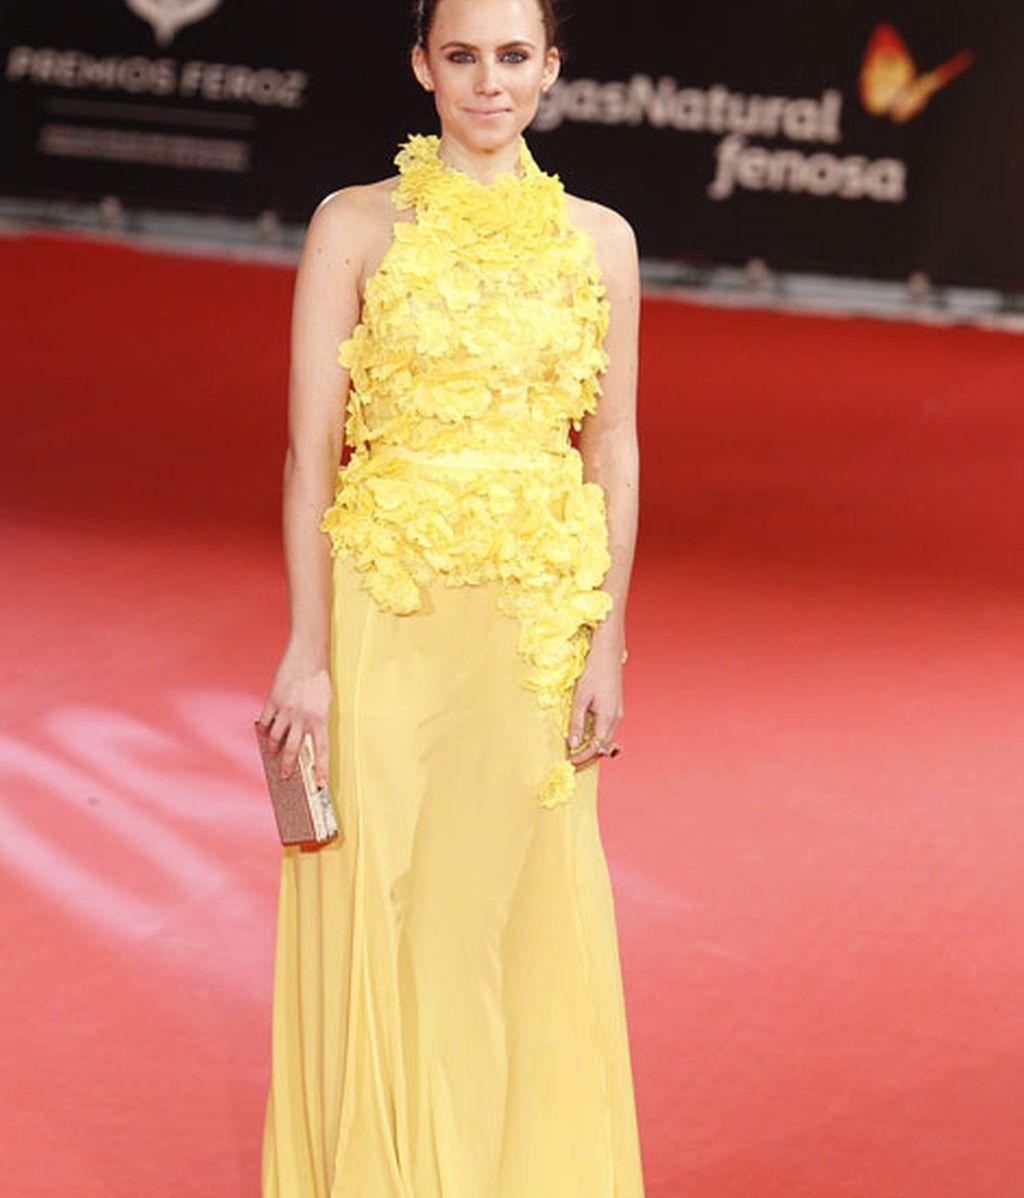 Aura Garrido con un vestido de falda de gasa y cuerpo de flores en color amarillo